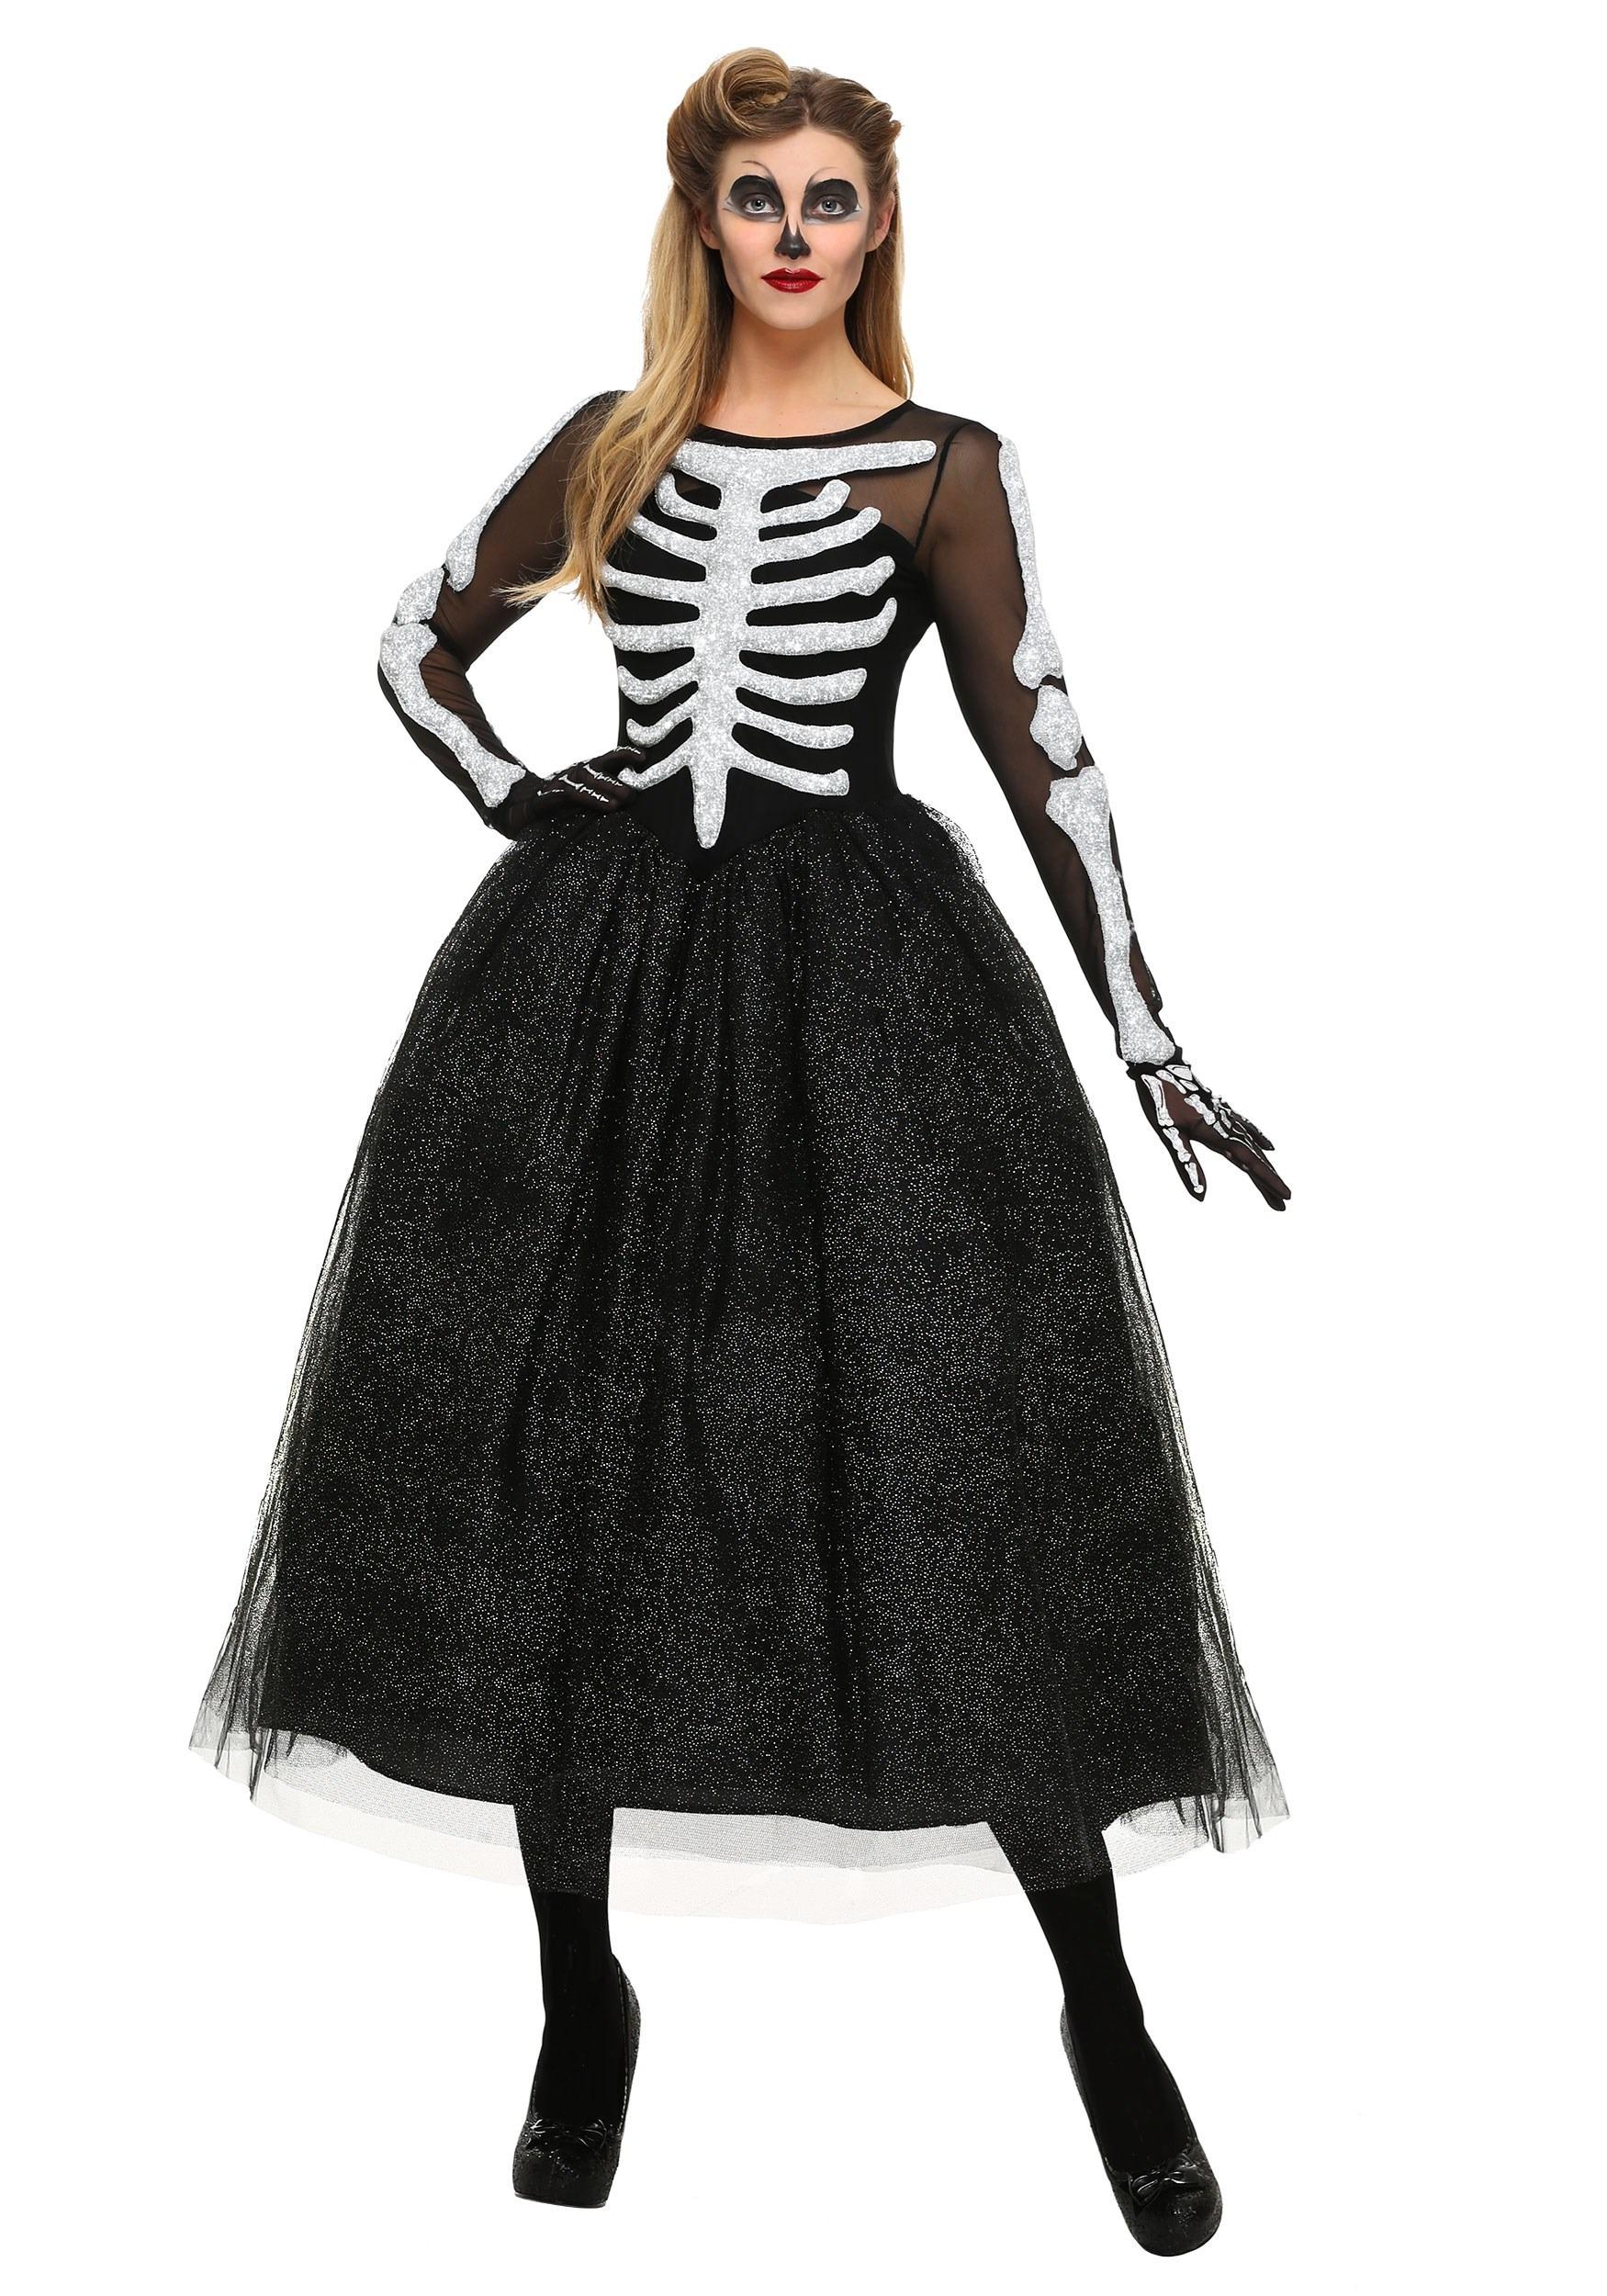 Beauty Plus Video: Women's Skeleton Beauty Plus Size Costume